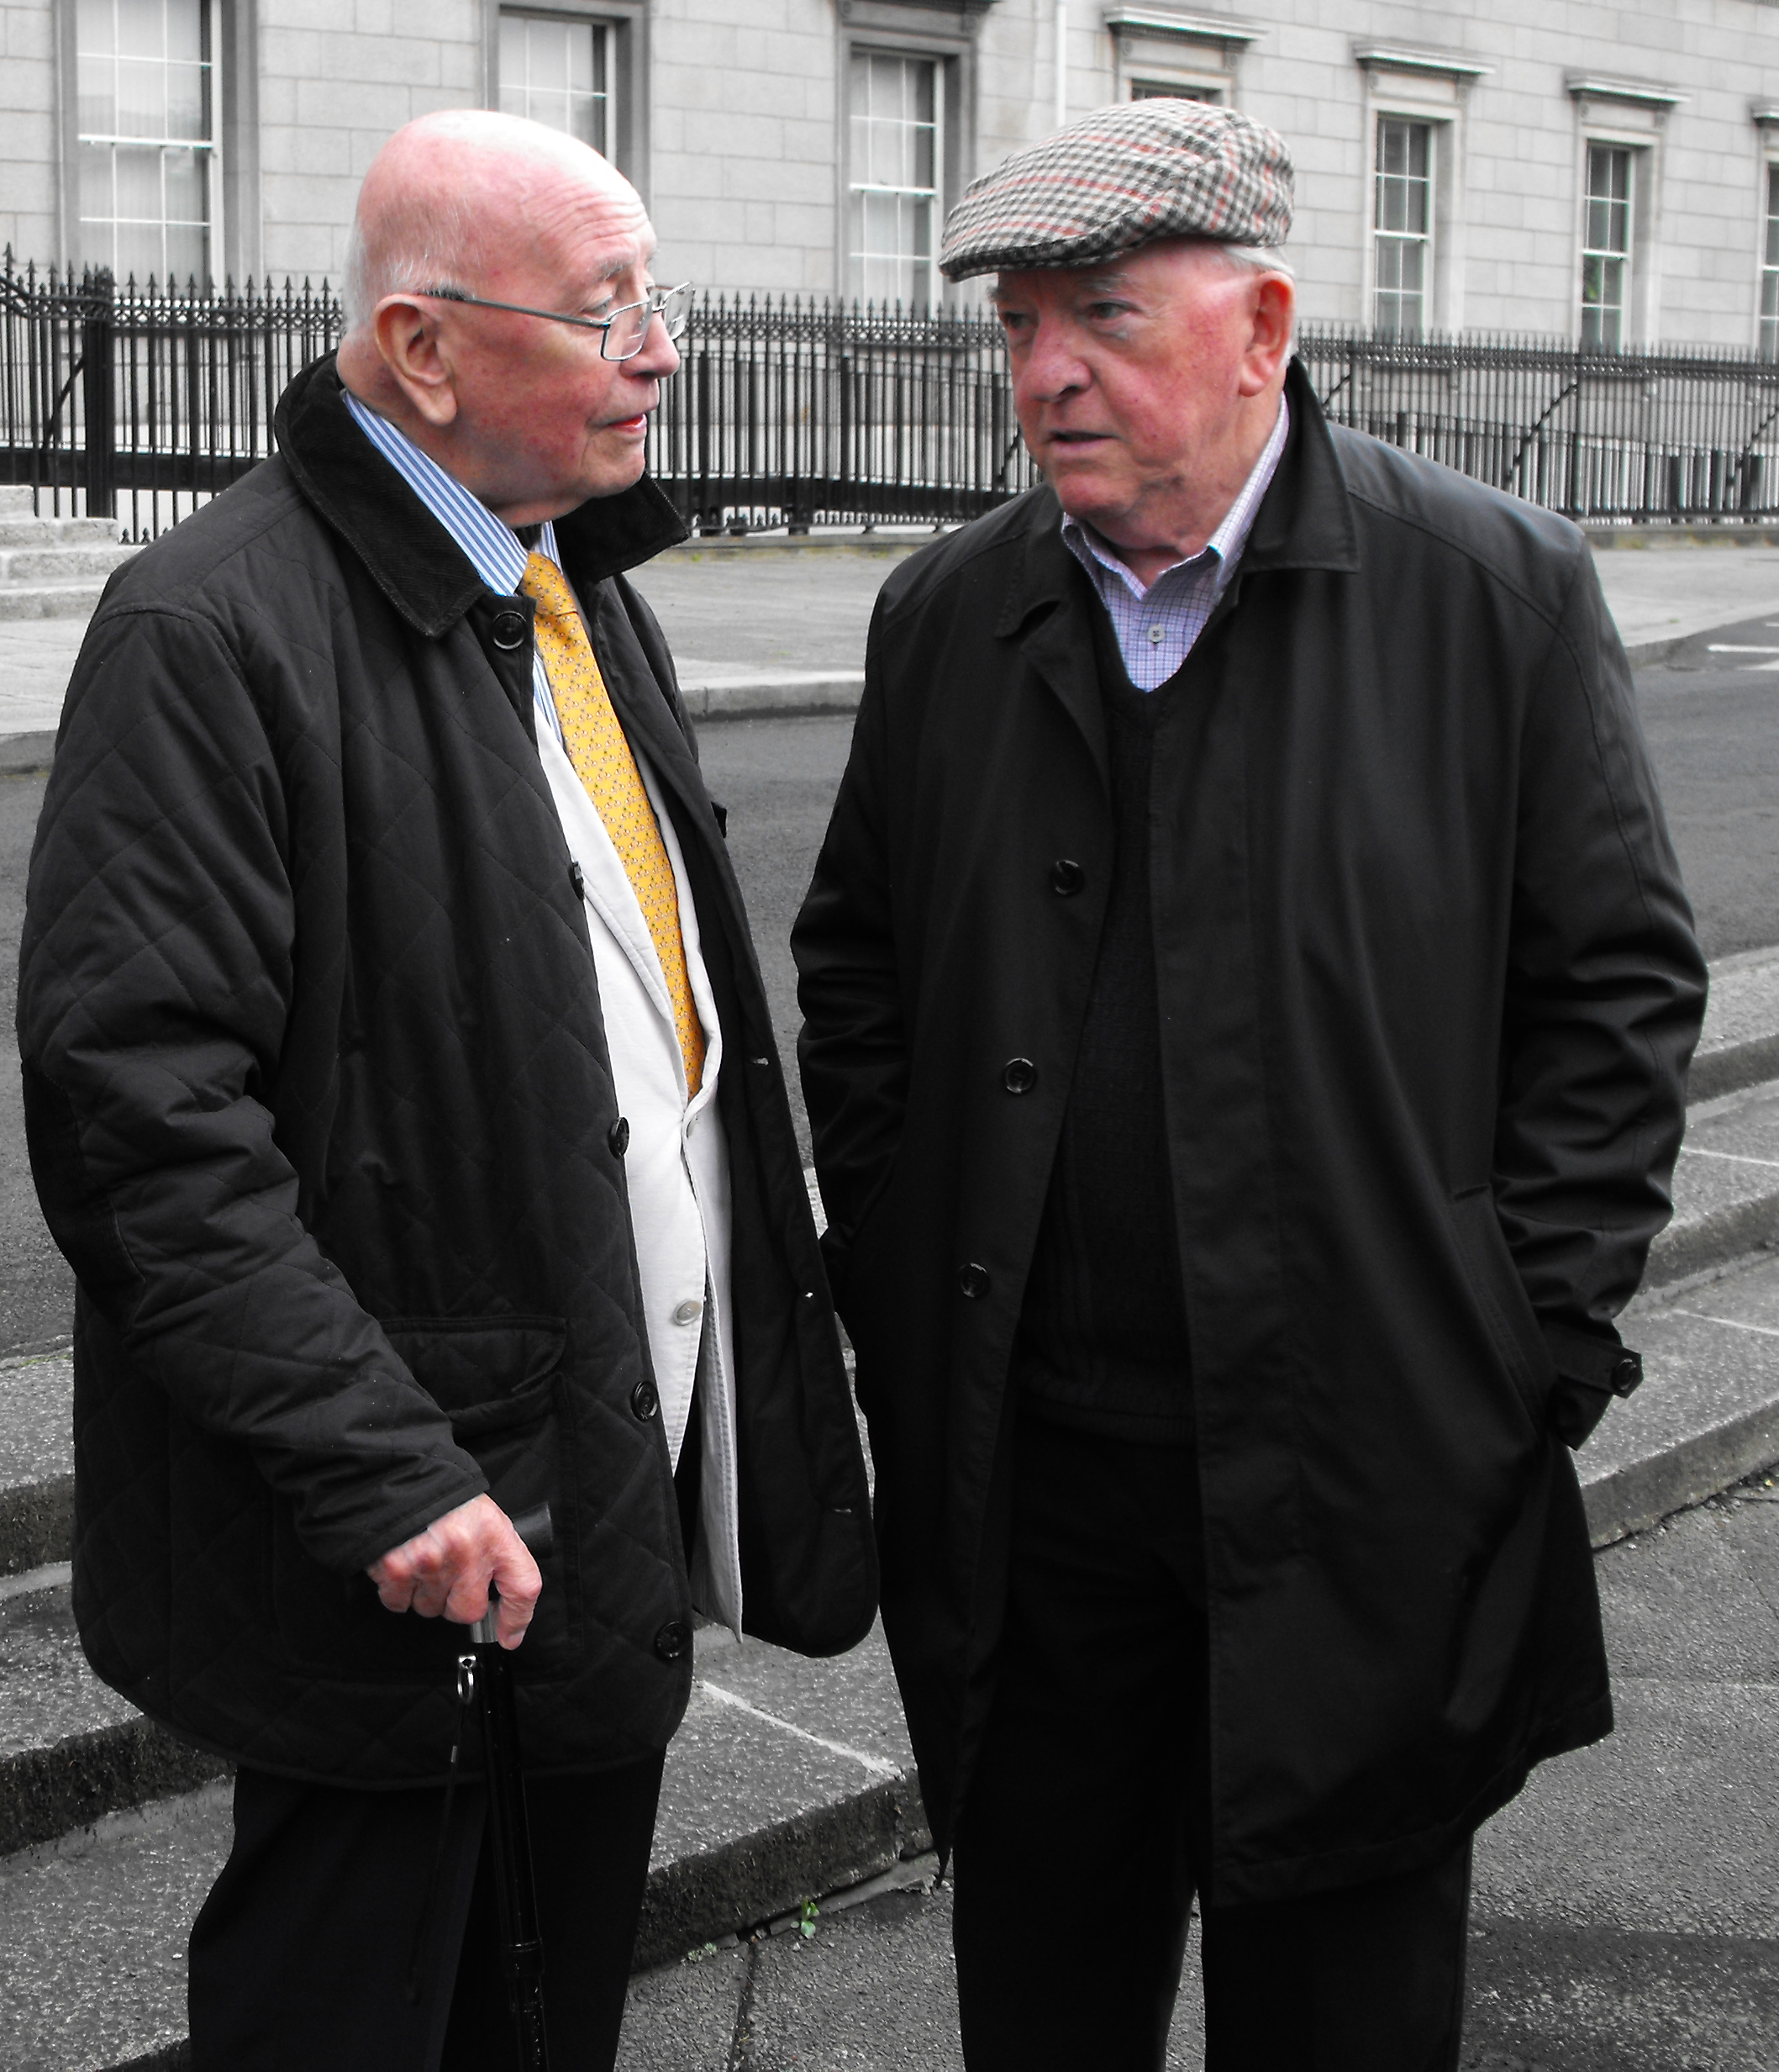 Traynor & Duffy